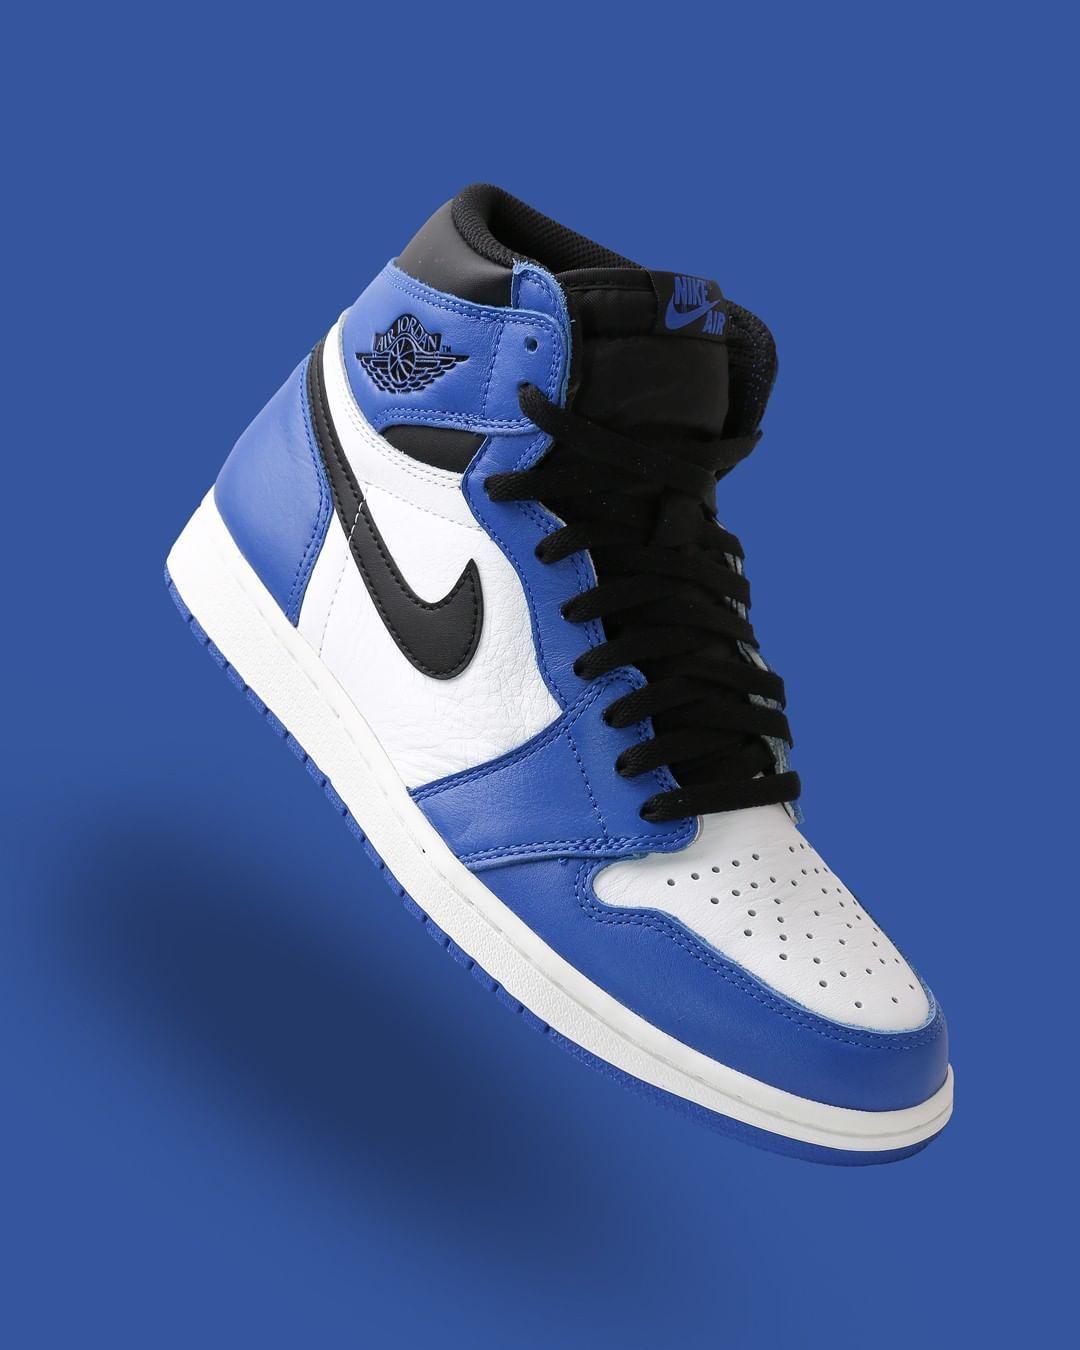 Before the Nike @jumpman23 Air Jordan 1